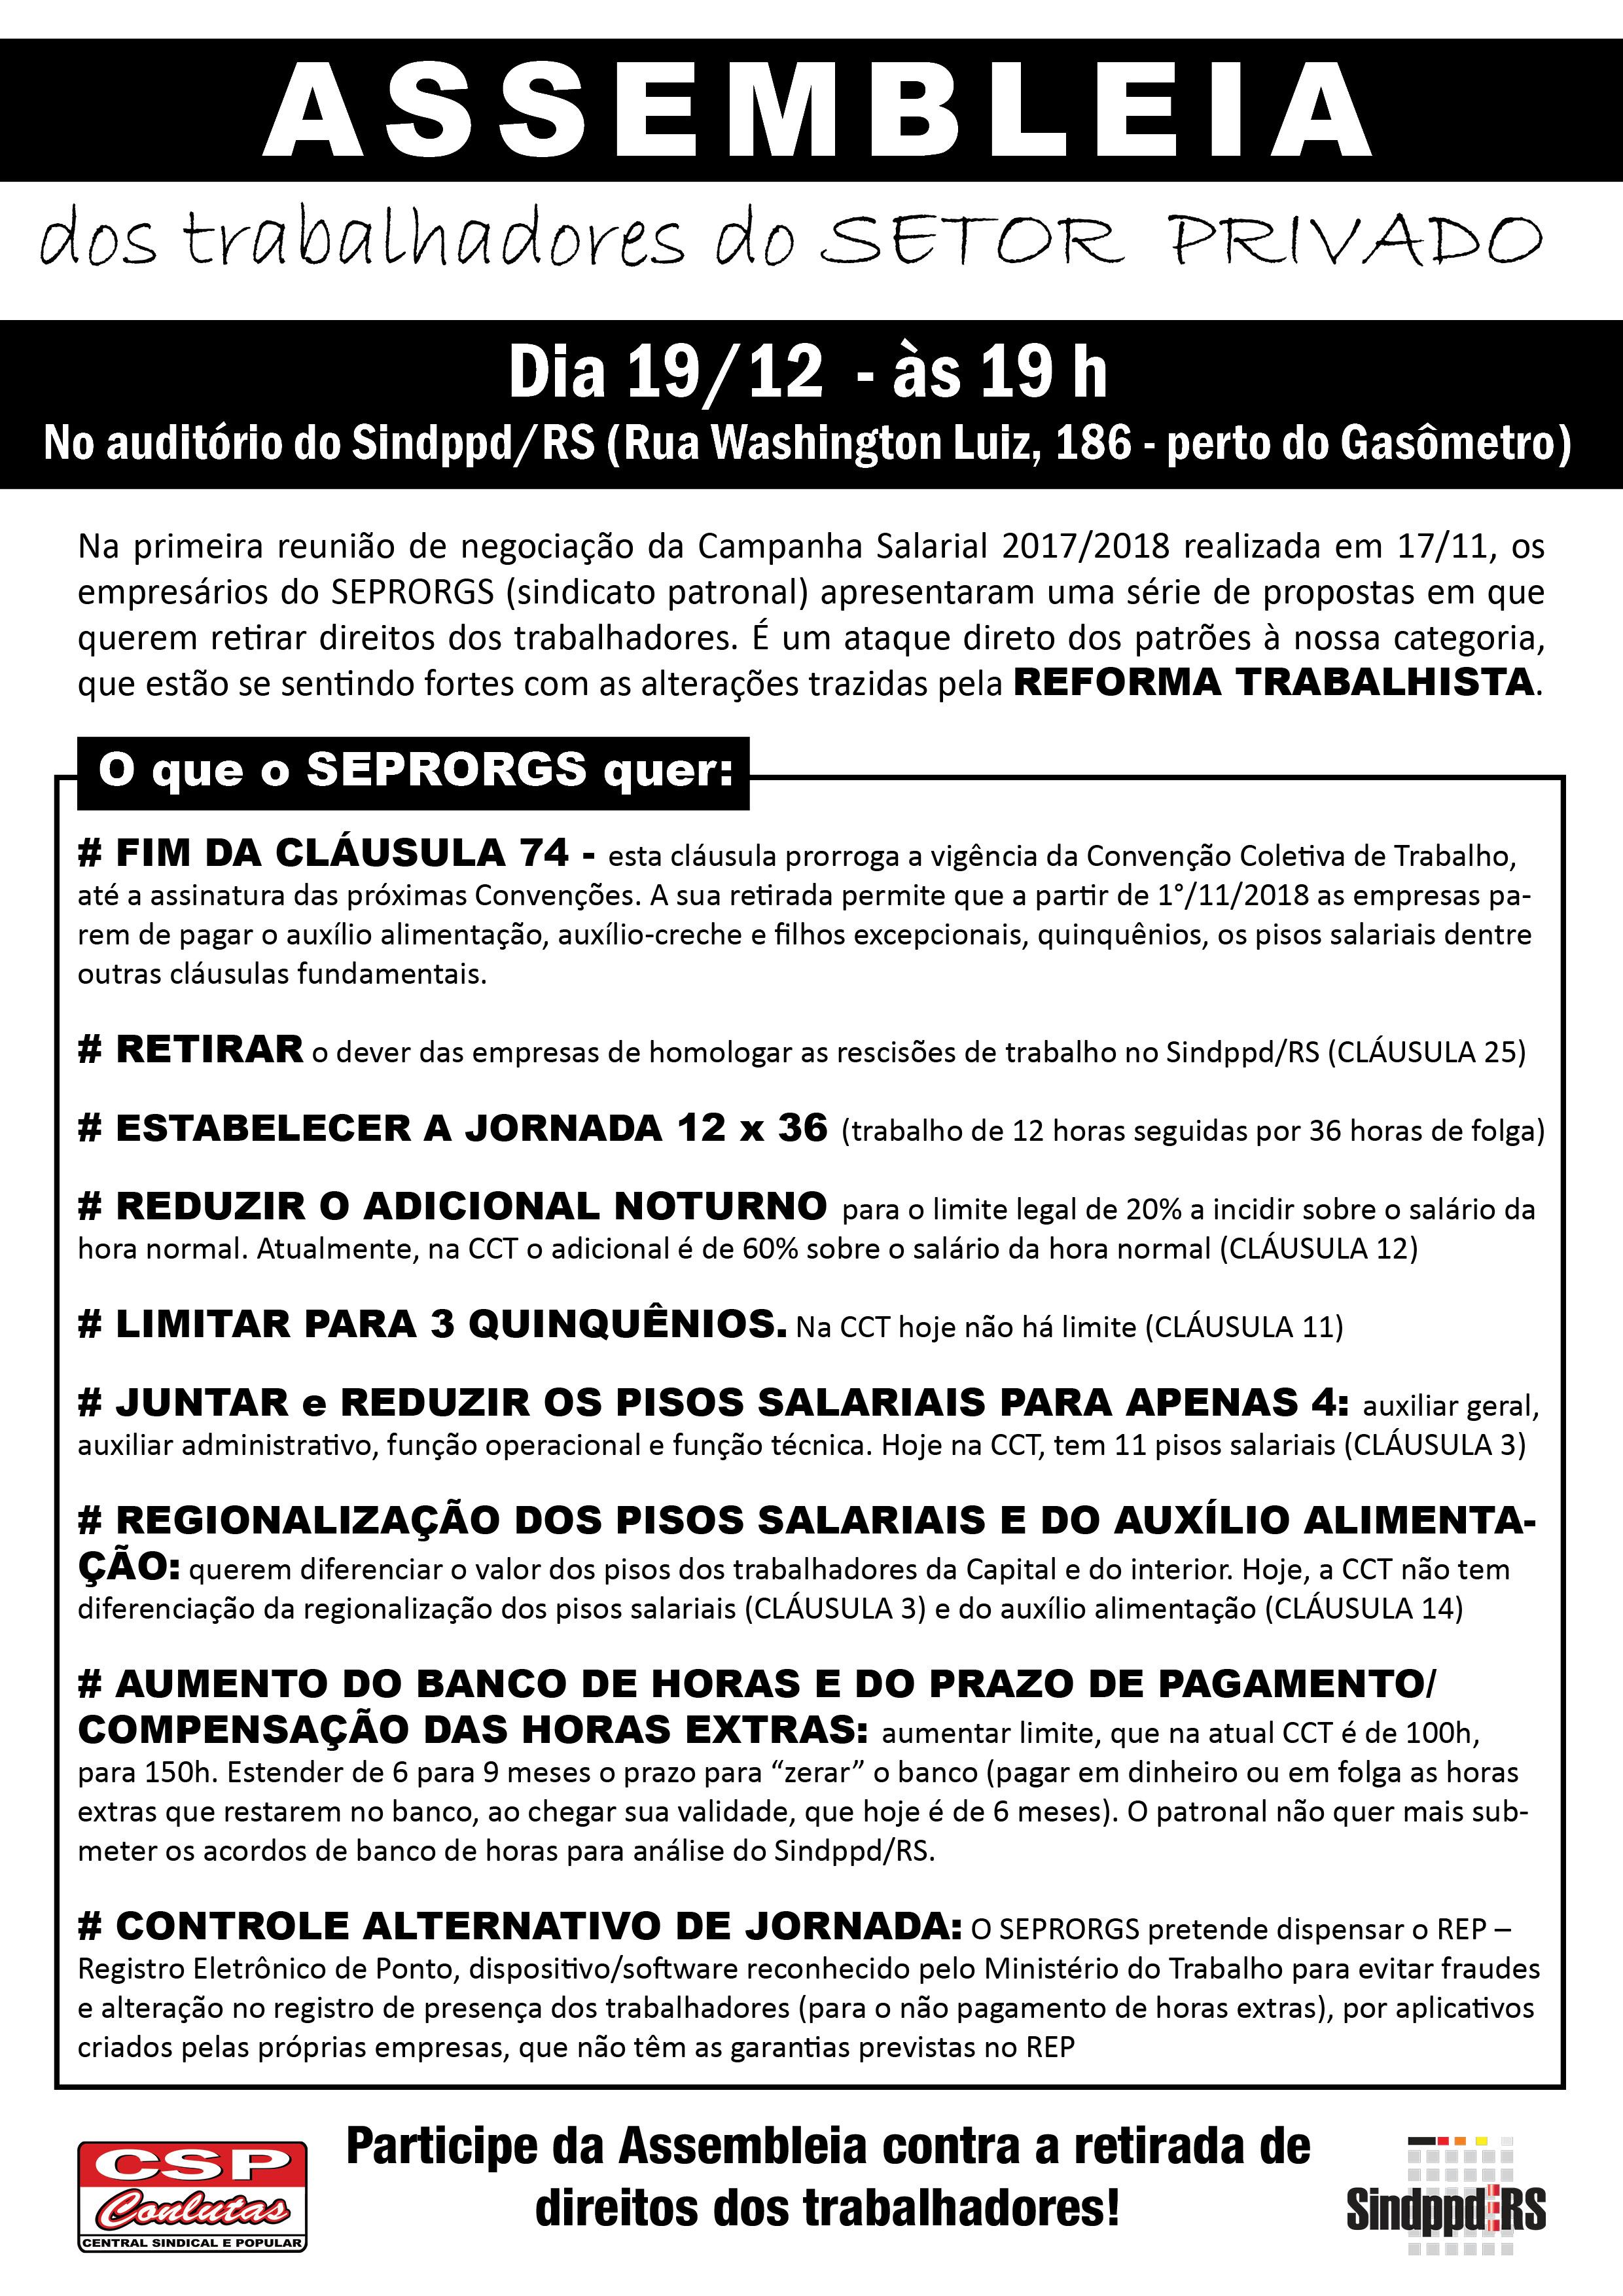 panfleto_SETOR PRIVADO_assembleia2